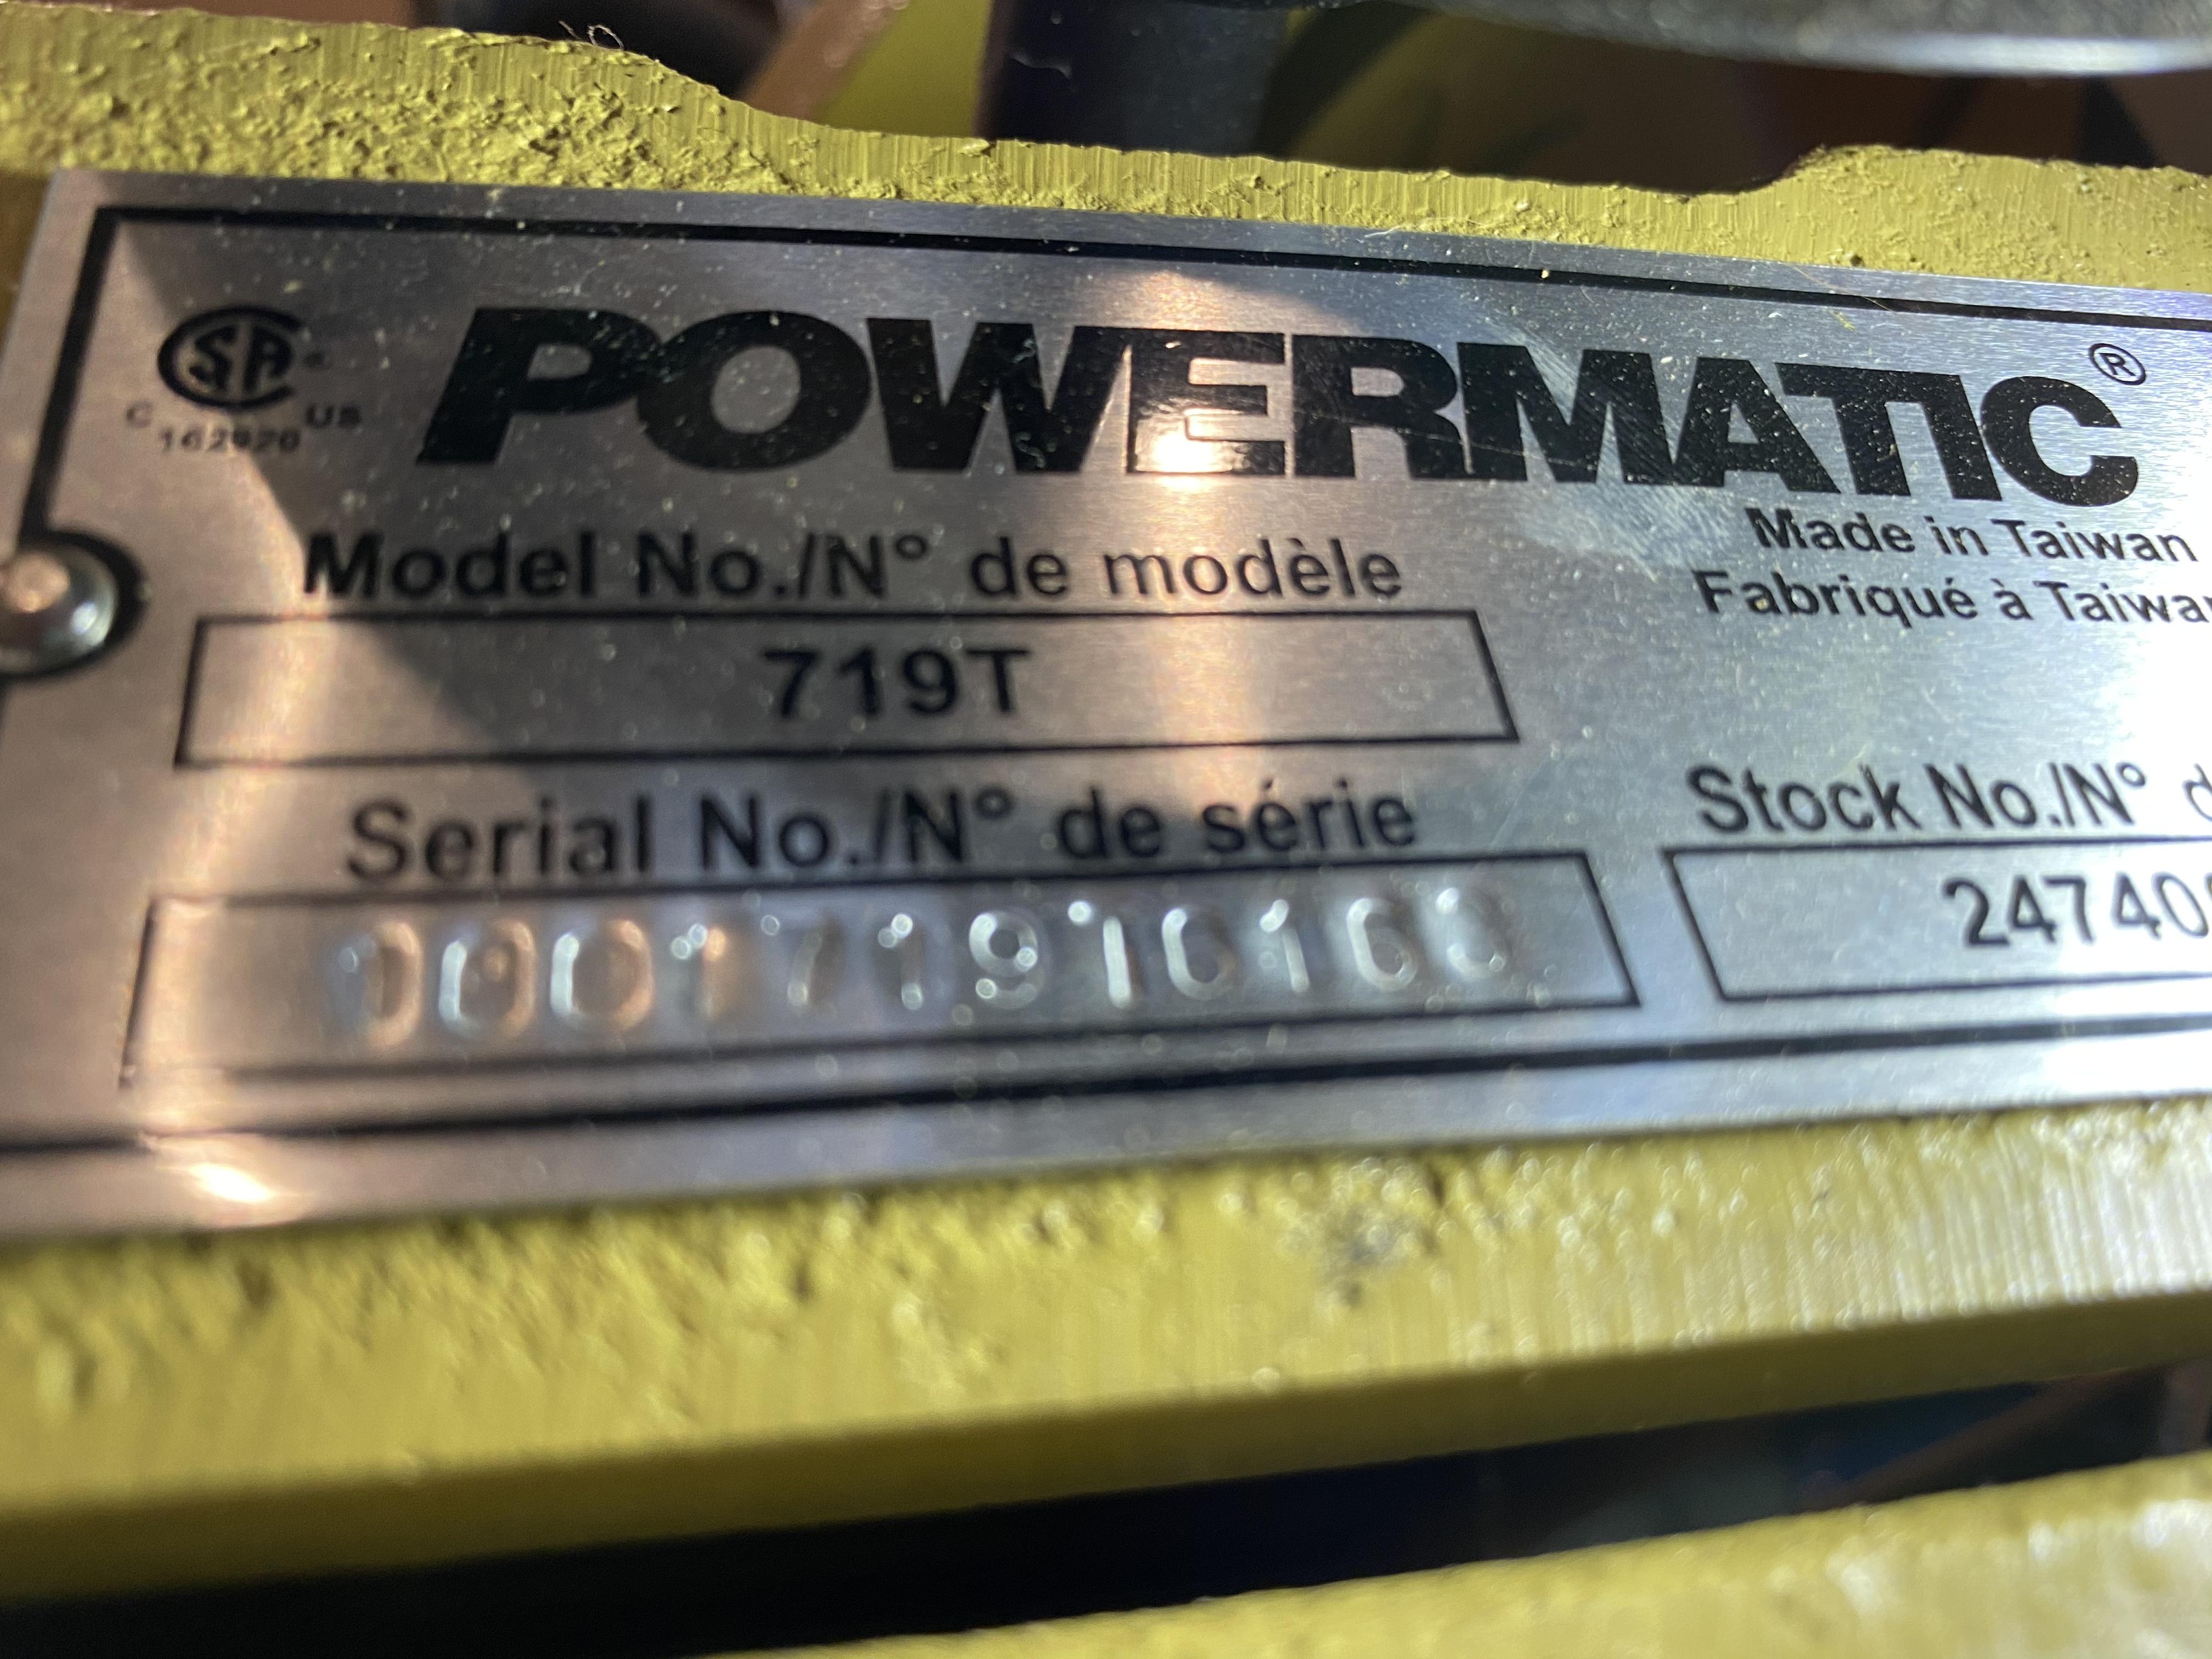 452E498A-B16E-4485-A156-79B1227C6754.jpeg